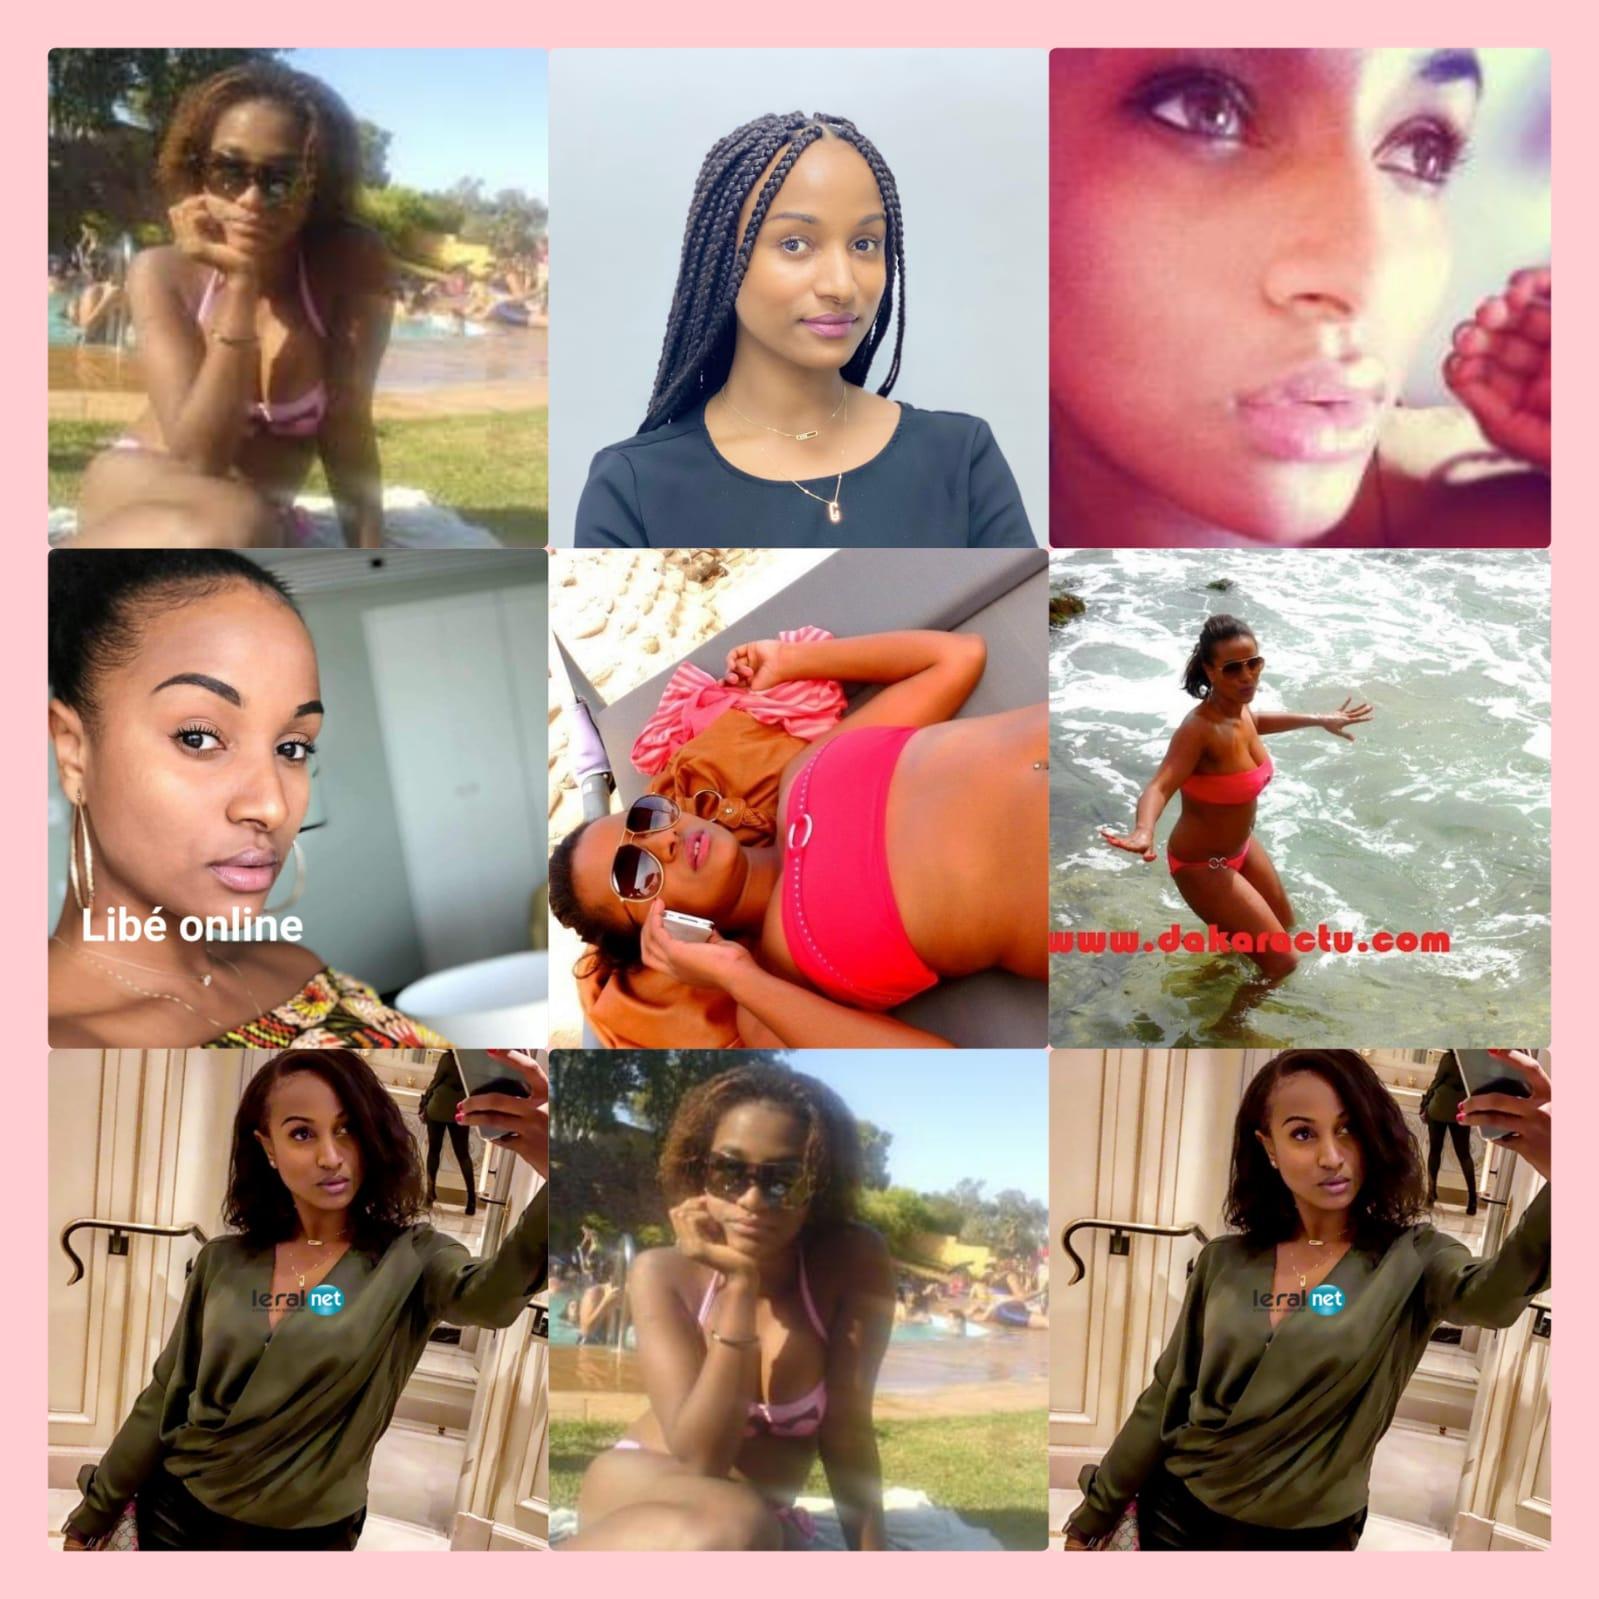 VIDÉO: Comment la jet-setteuse Hiba Thiam a perdu la vie suite à une .... devant ses amis dont un le mari de la fille d'un grand chanteur Sééngalais